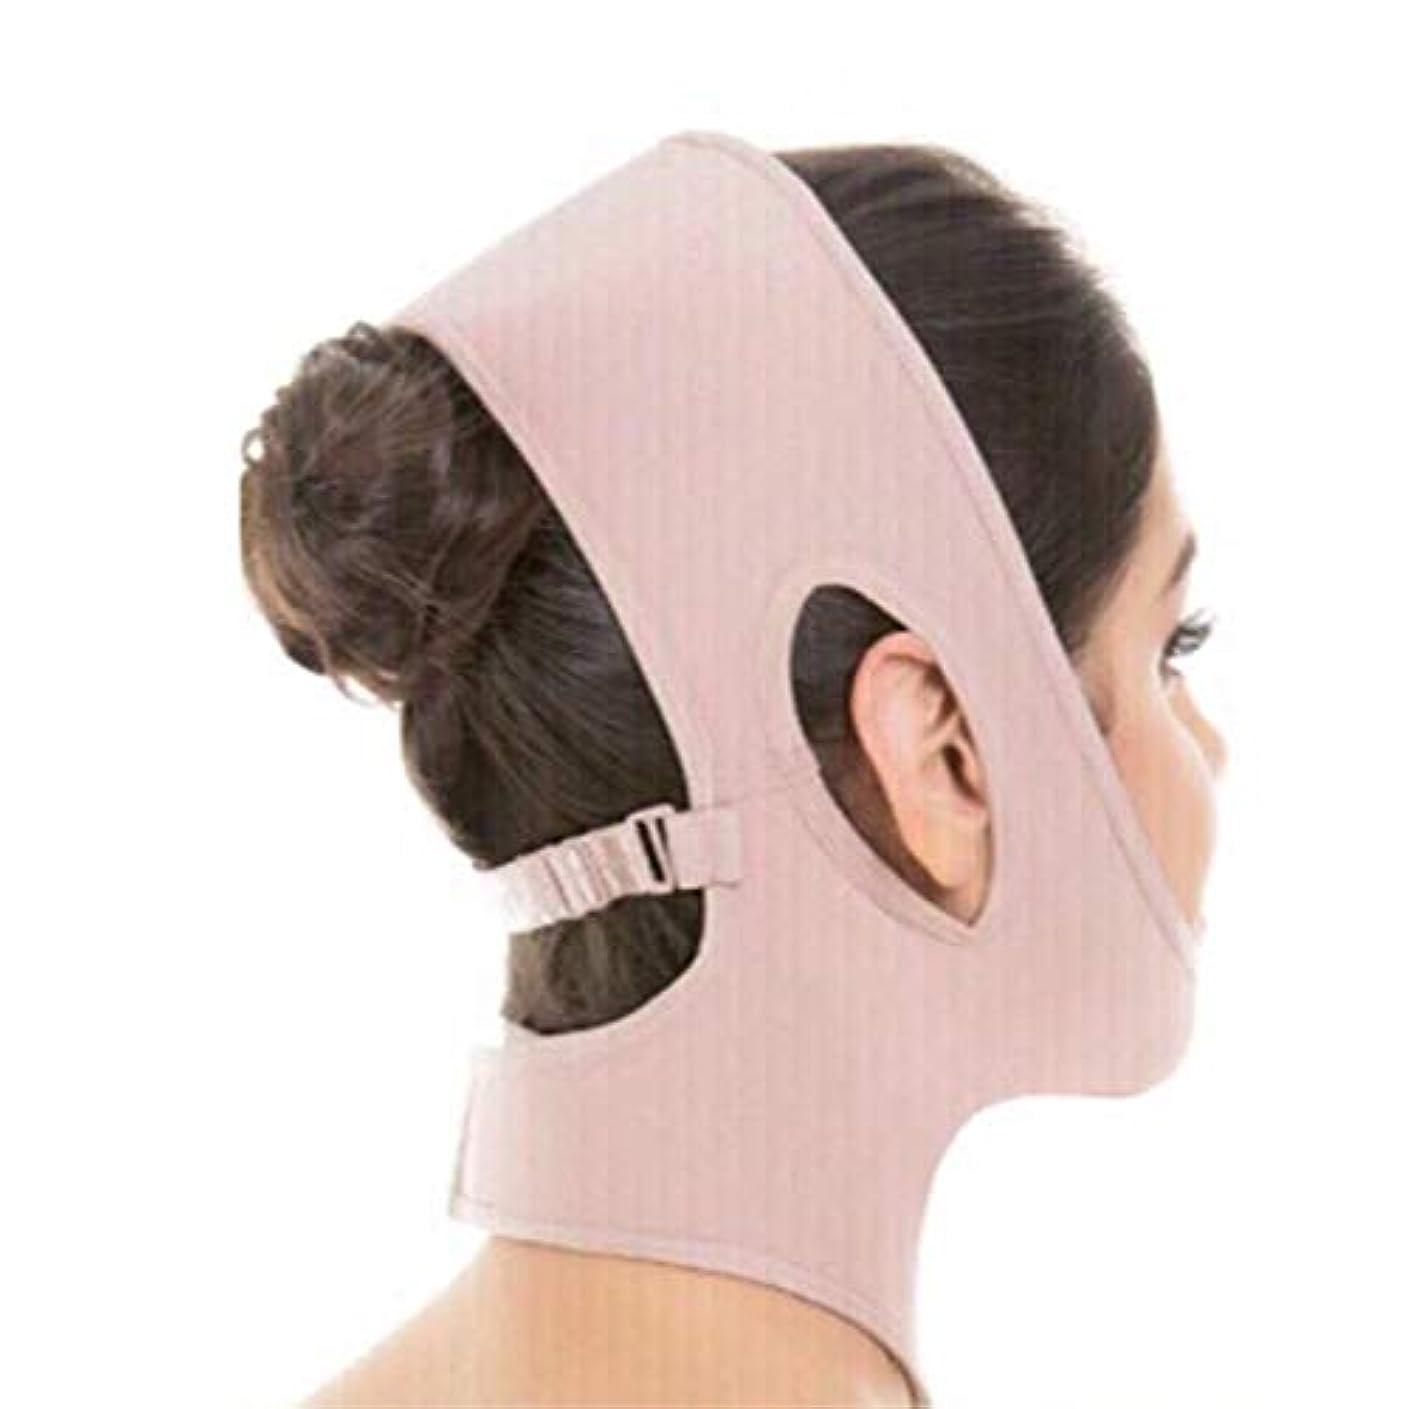 理容師不和ベギンXHLMRMJ フェイスリフティング包帯、フェイスリフティングマスク、顔の皮膚の首と首を持ち上げる、二重あごを減らすために顔を持ち上げる(ワンサイズフィット) (Color : Khaki)